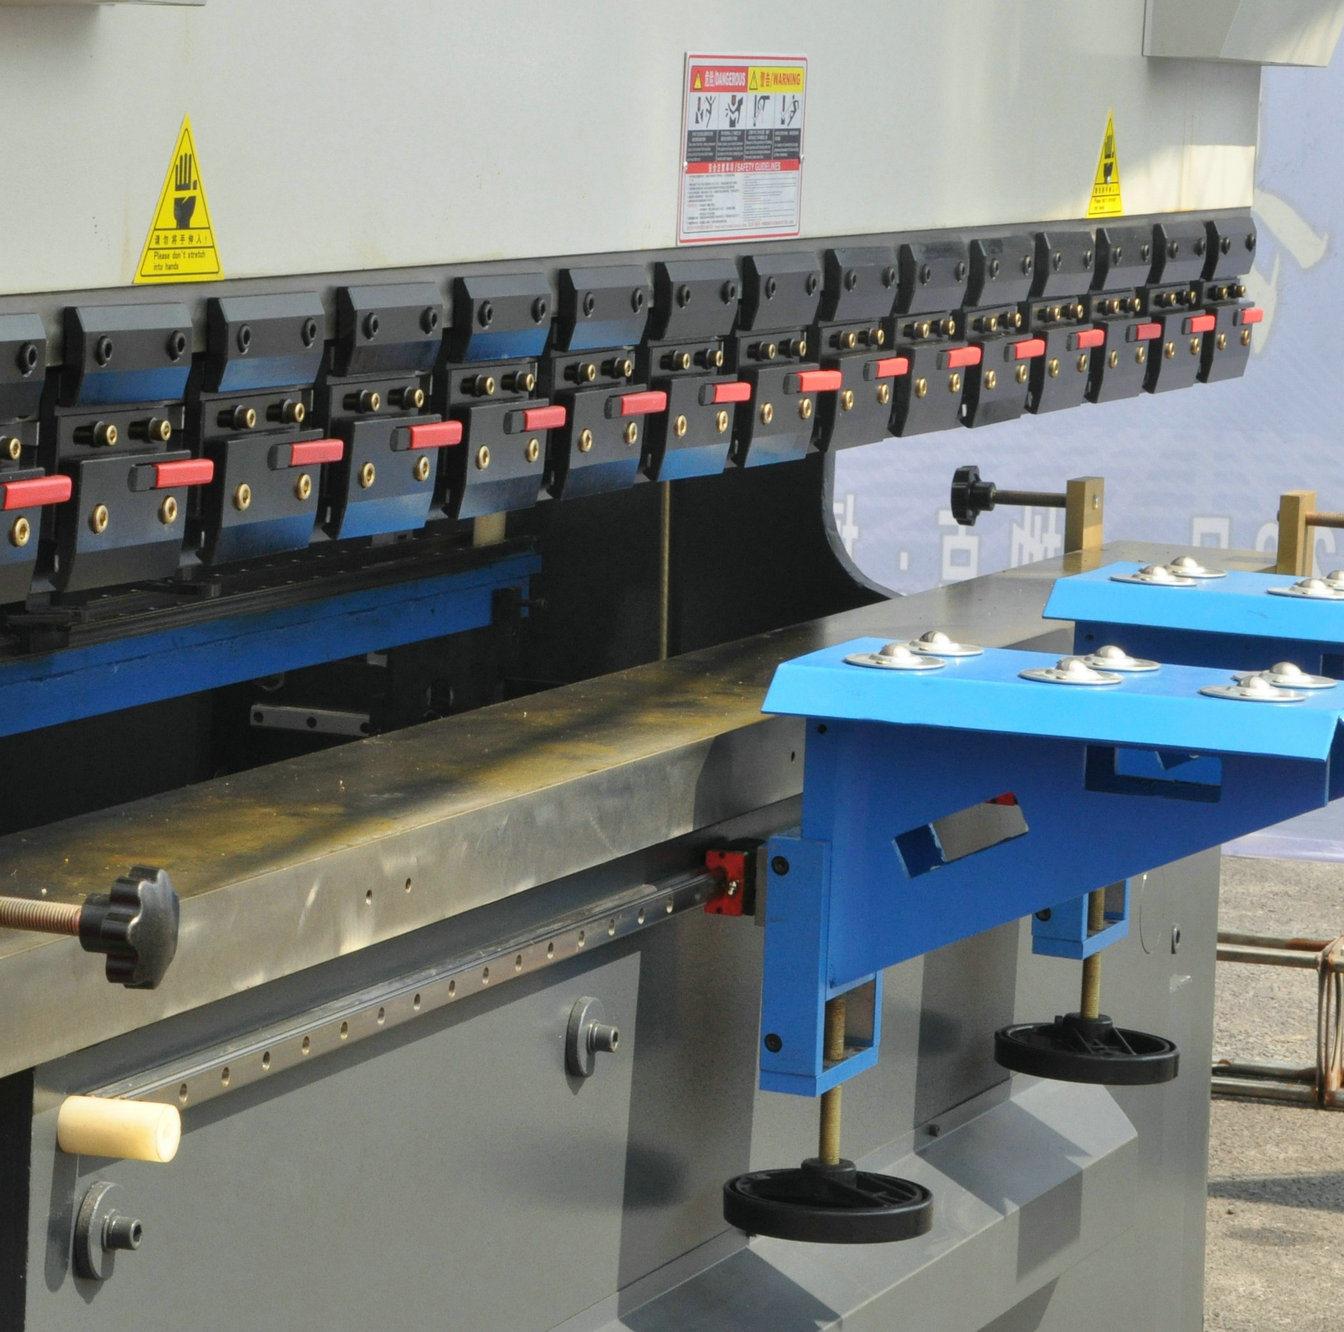 Wc67y Simple CNC Bending Machine for Metal Plate Bending